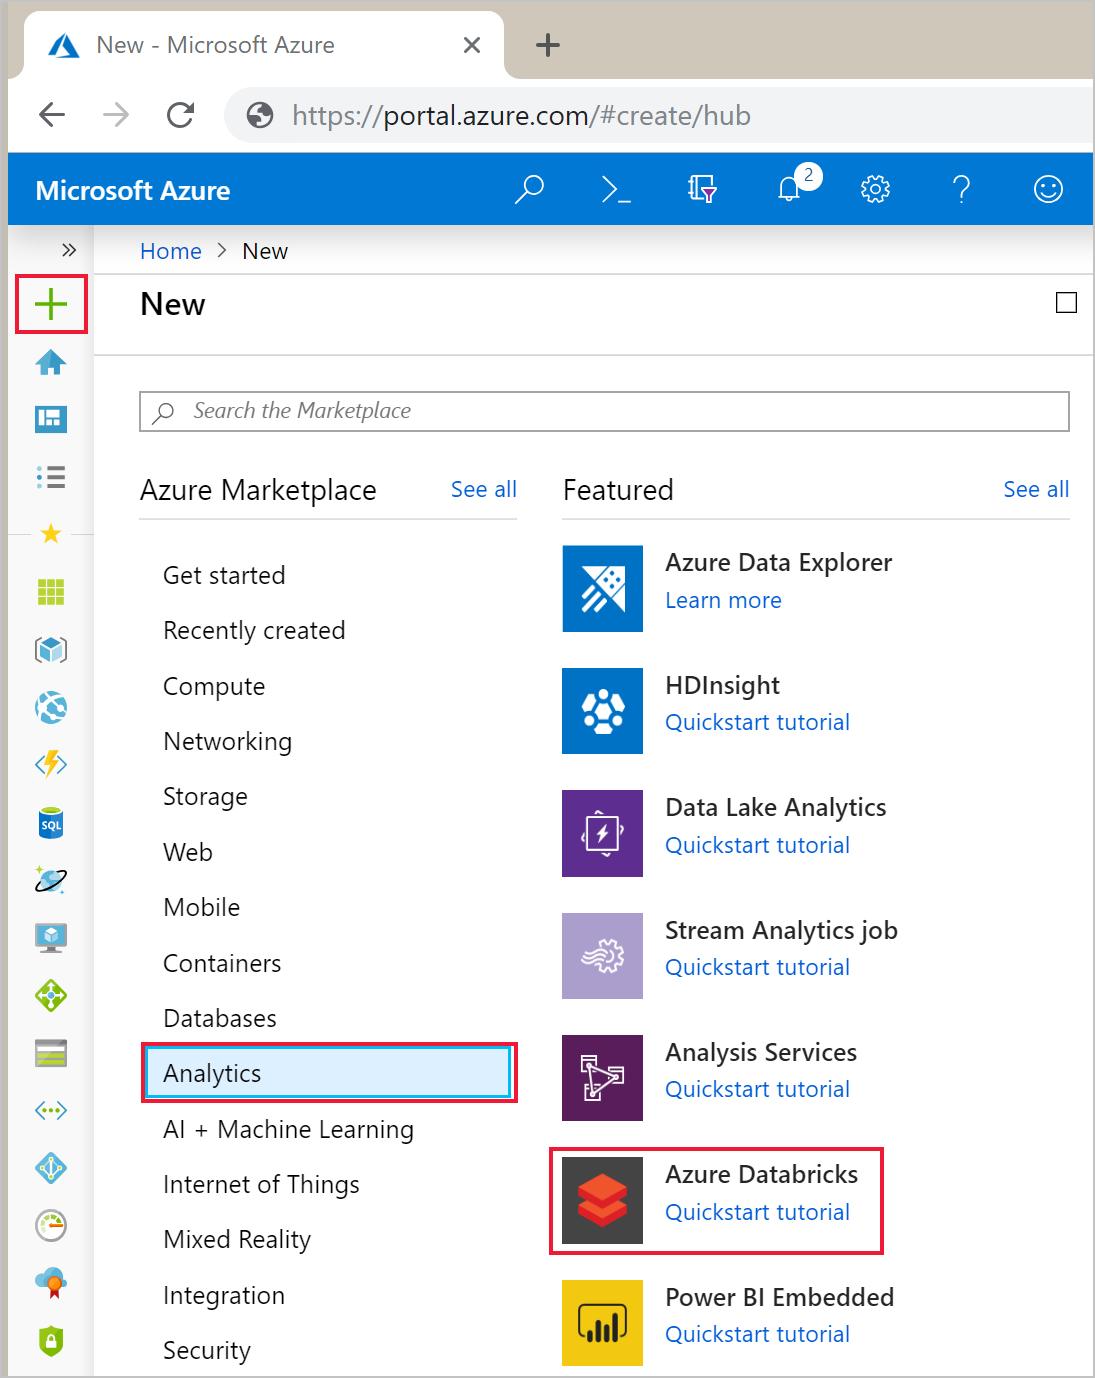 Quickstart: Run a Spark job on Azure Databricks using Azure